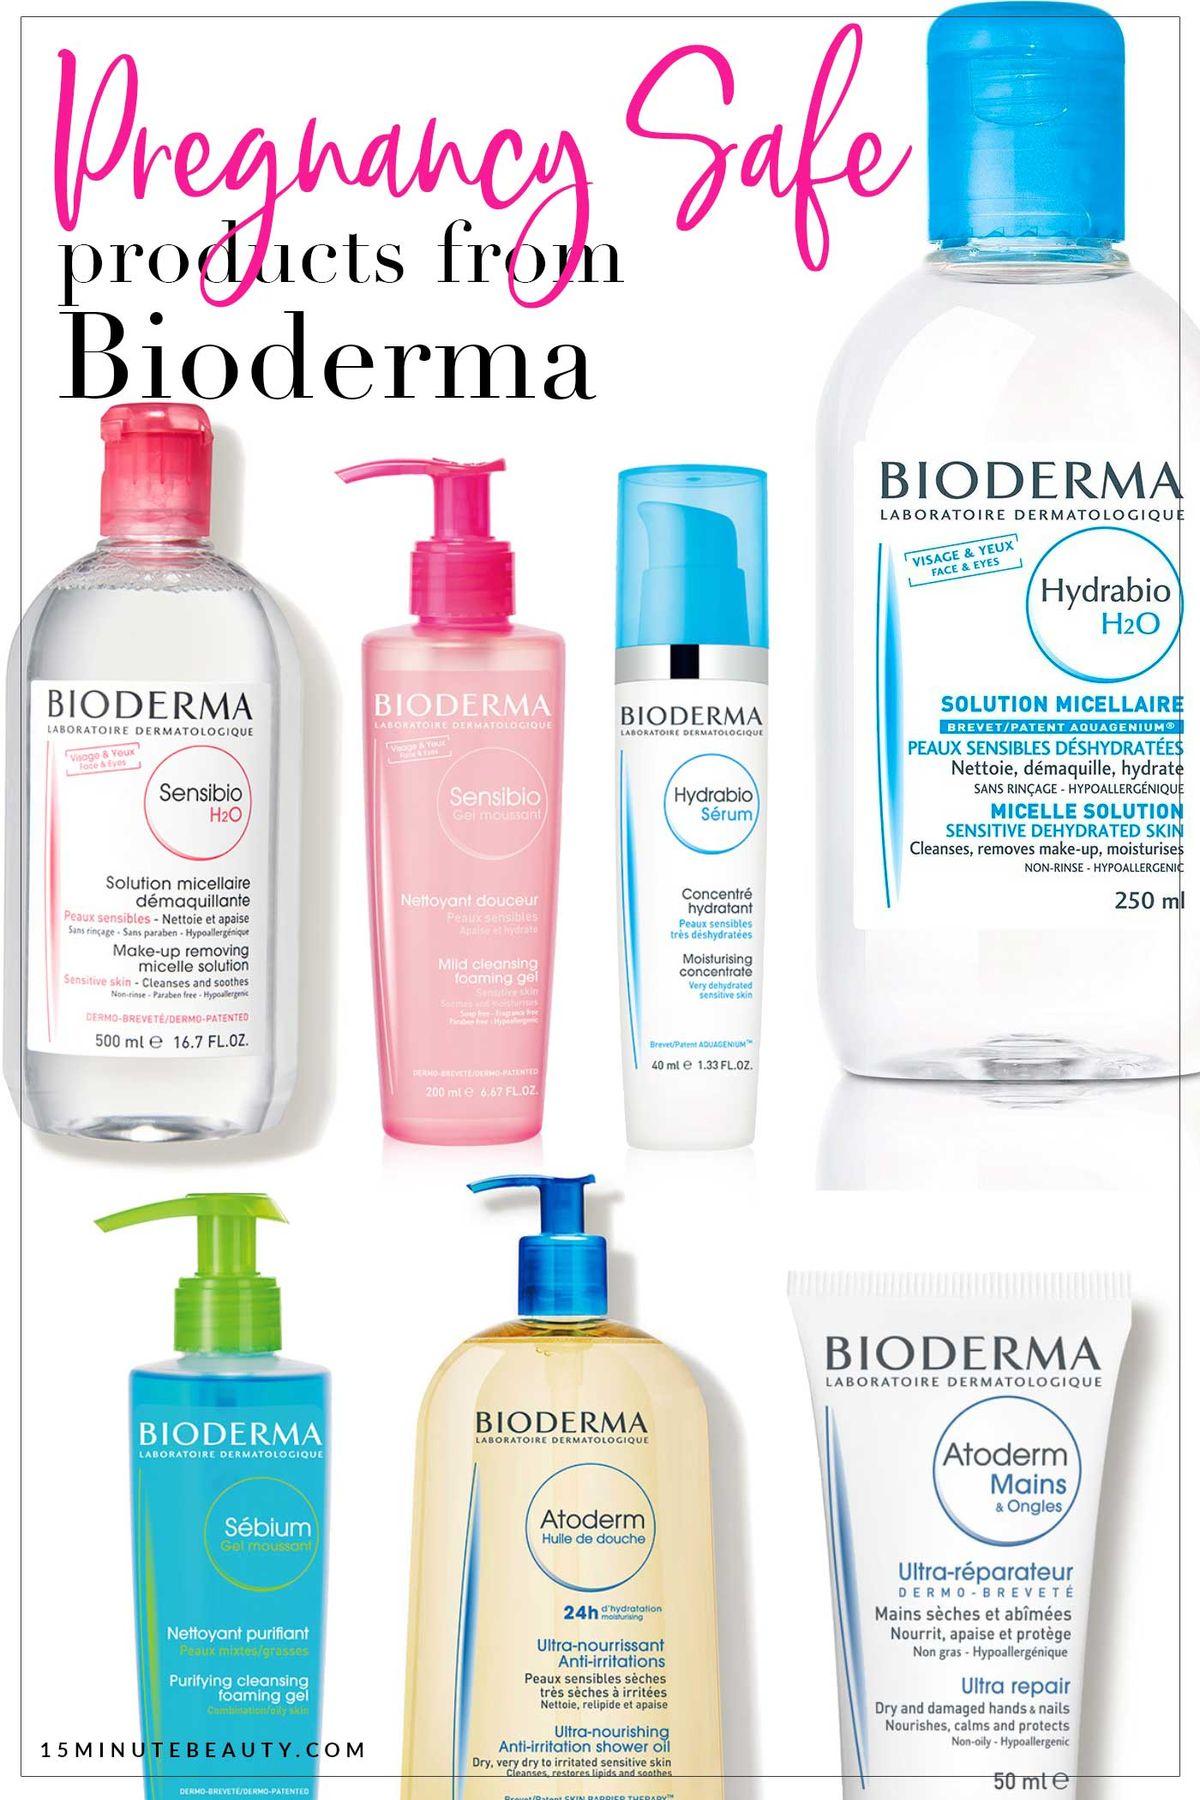 Pregnancy Safe Skincare from Bioderma